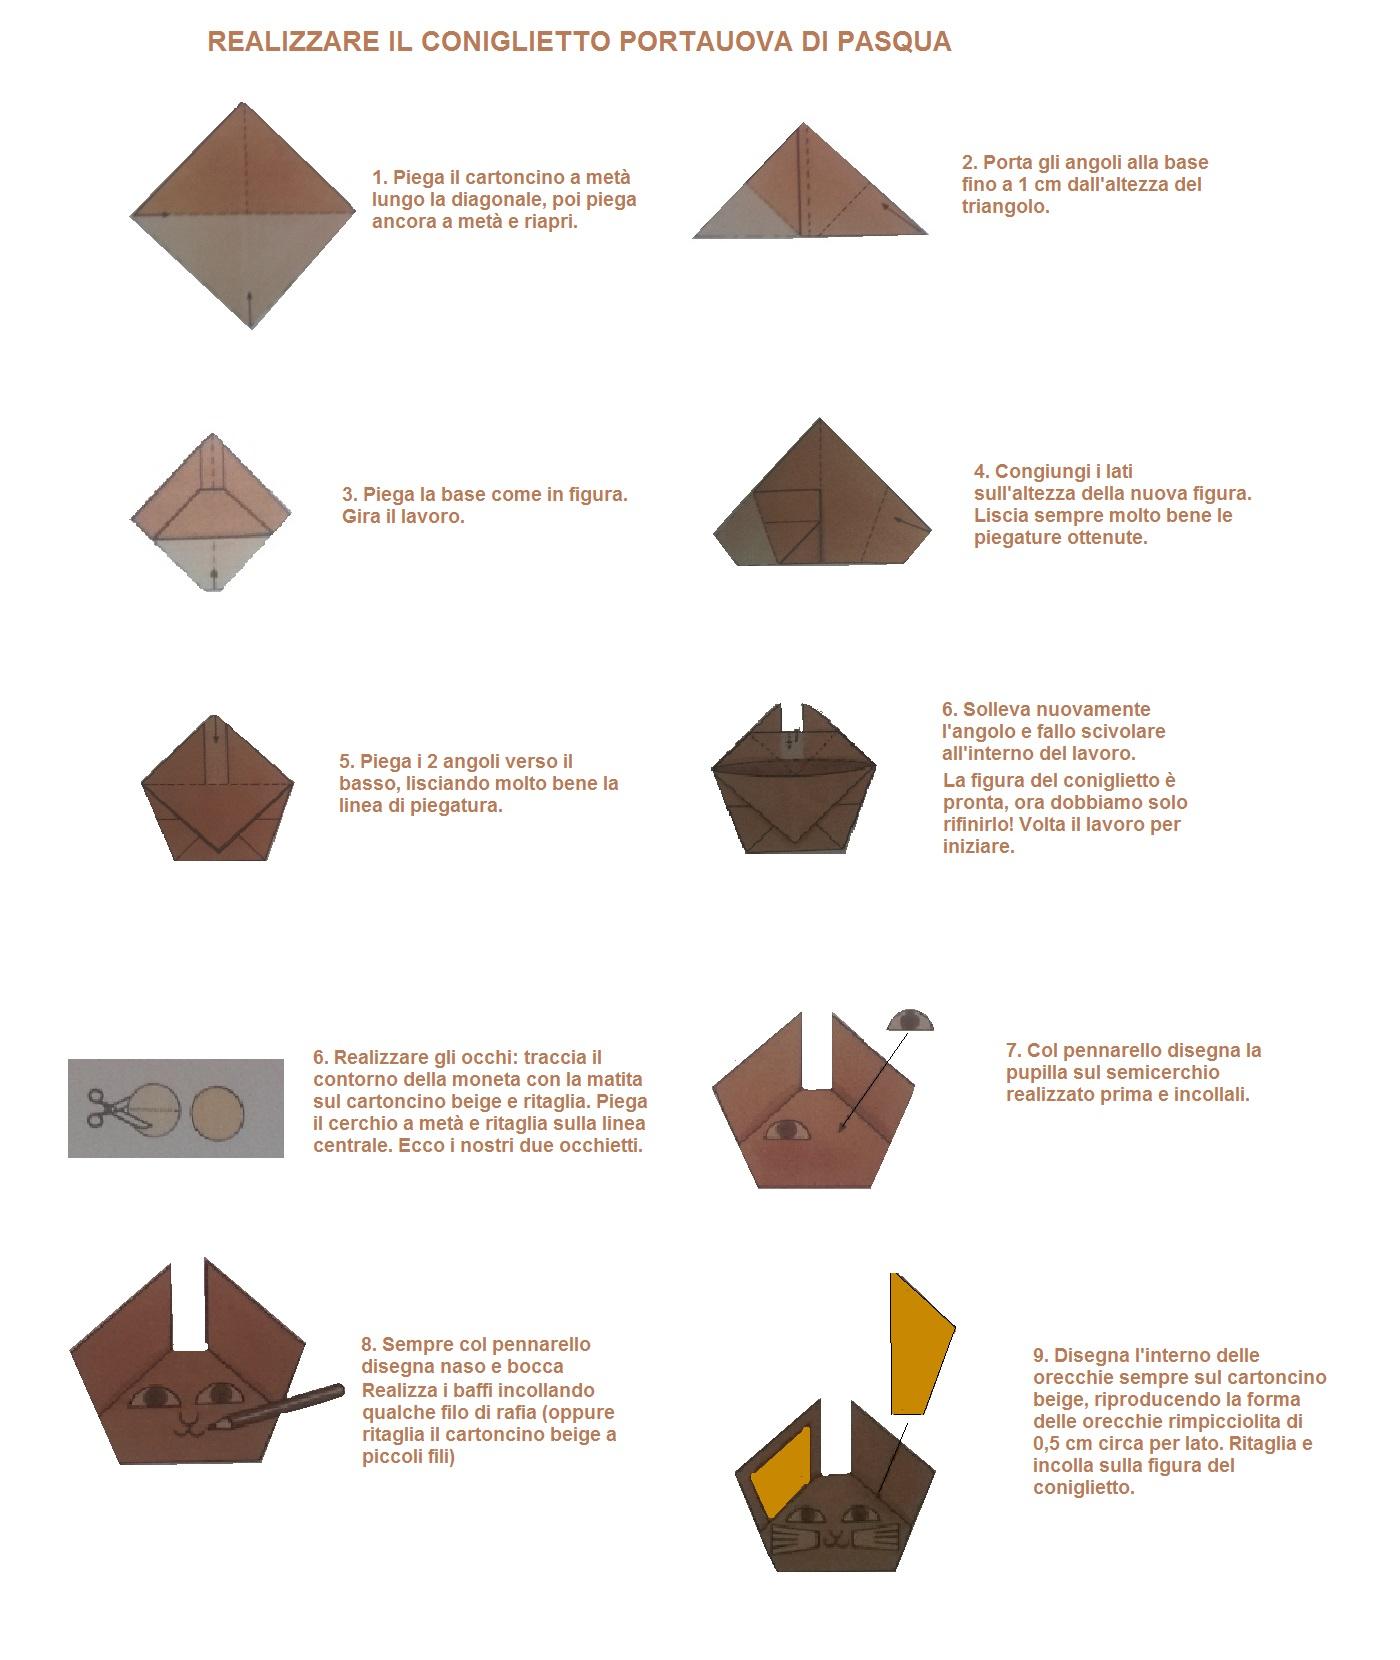 procedimento realizzazione coniglietto origami pasqua portauovo